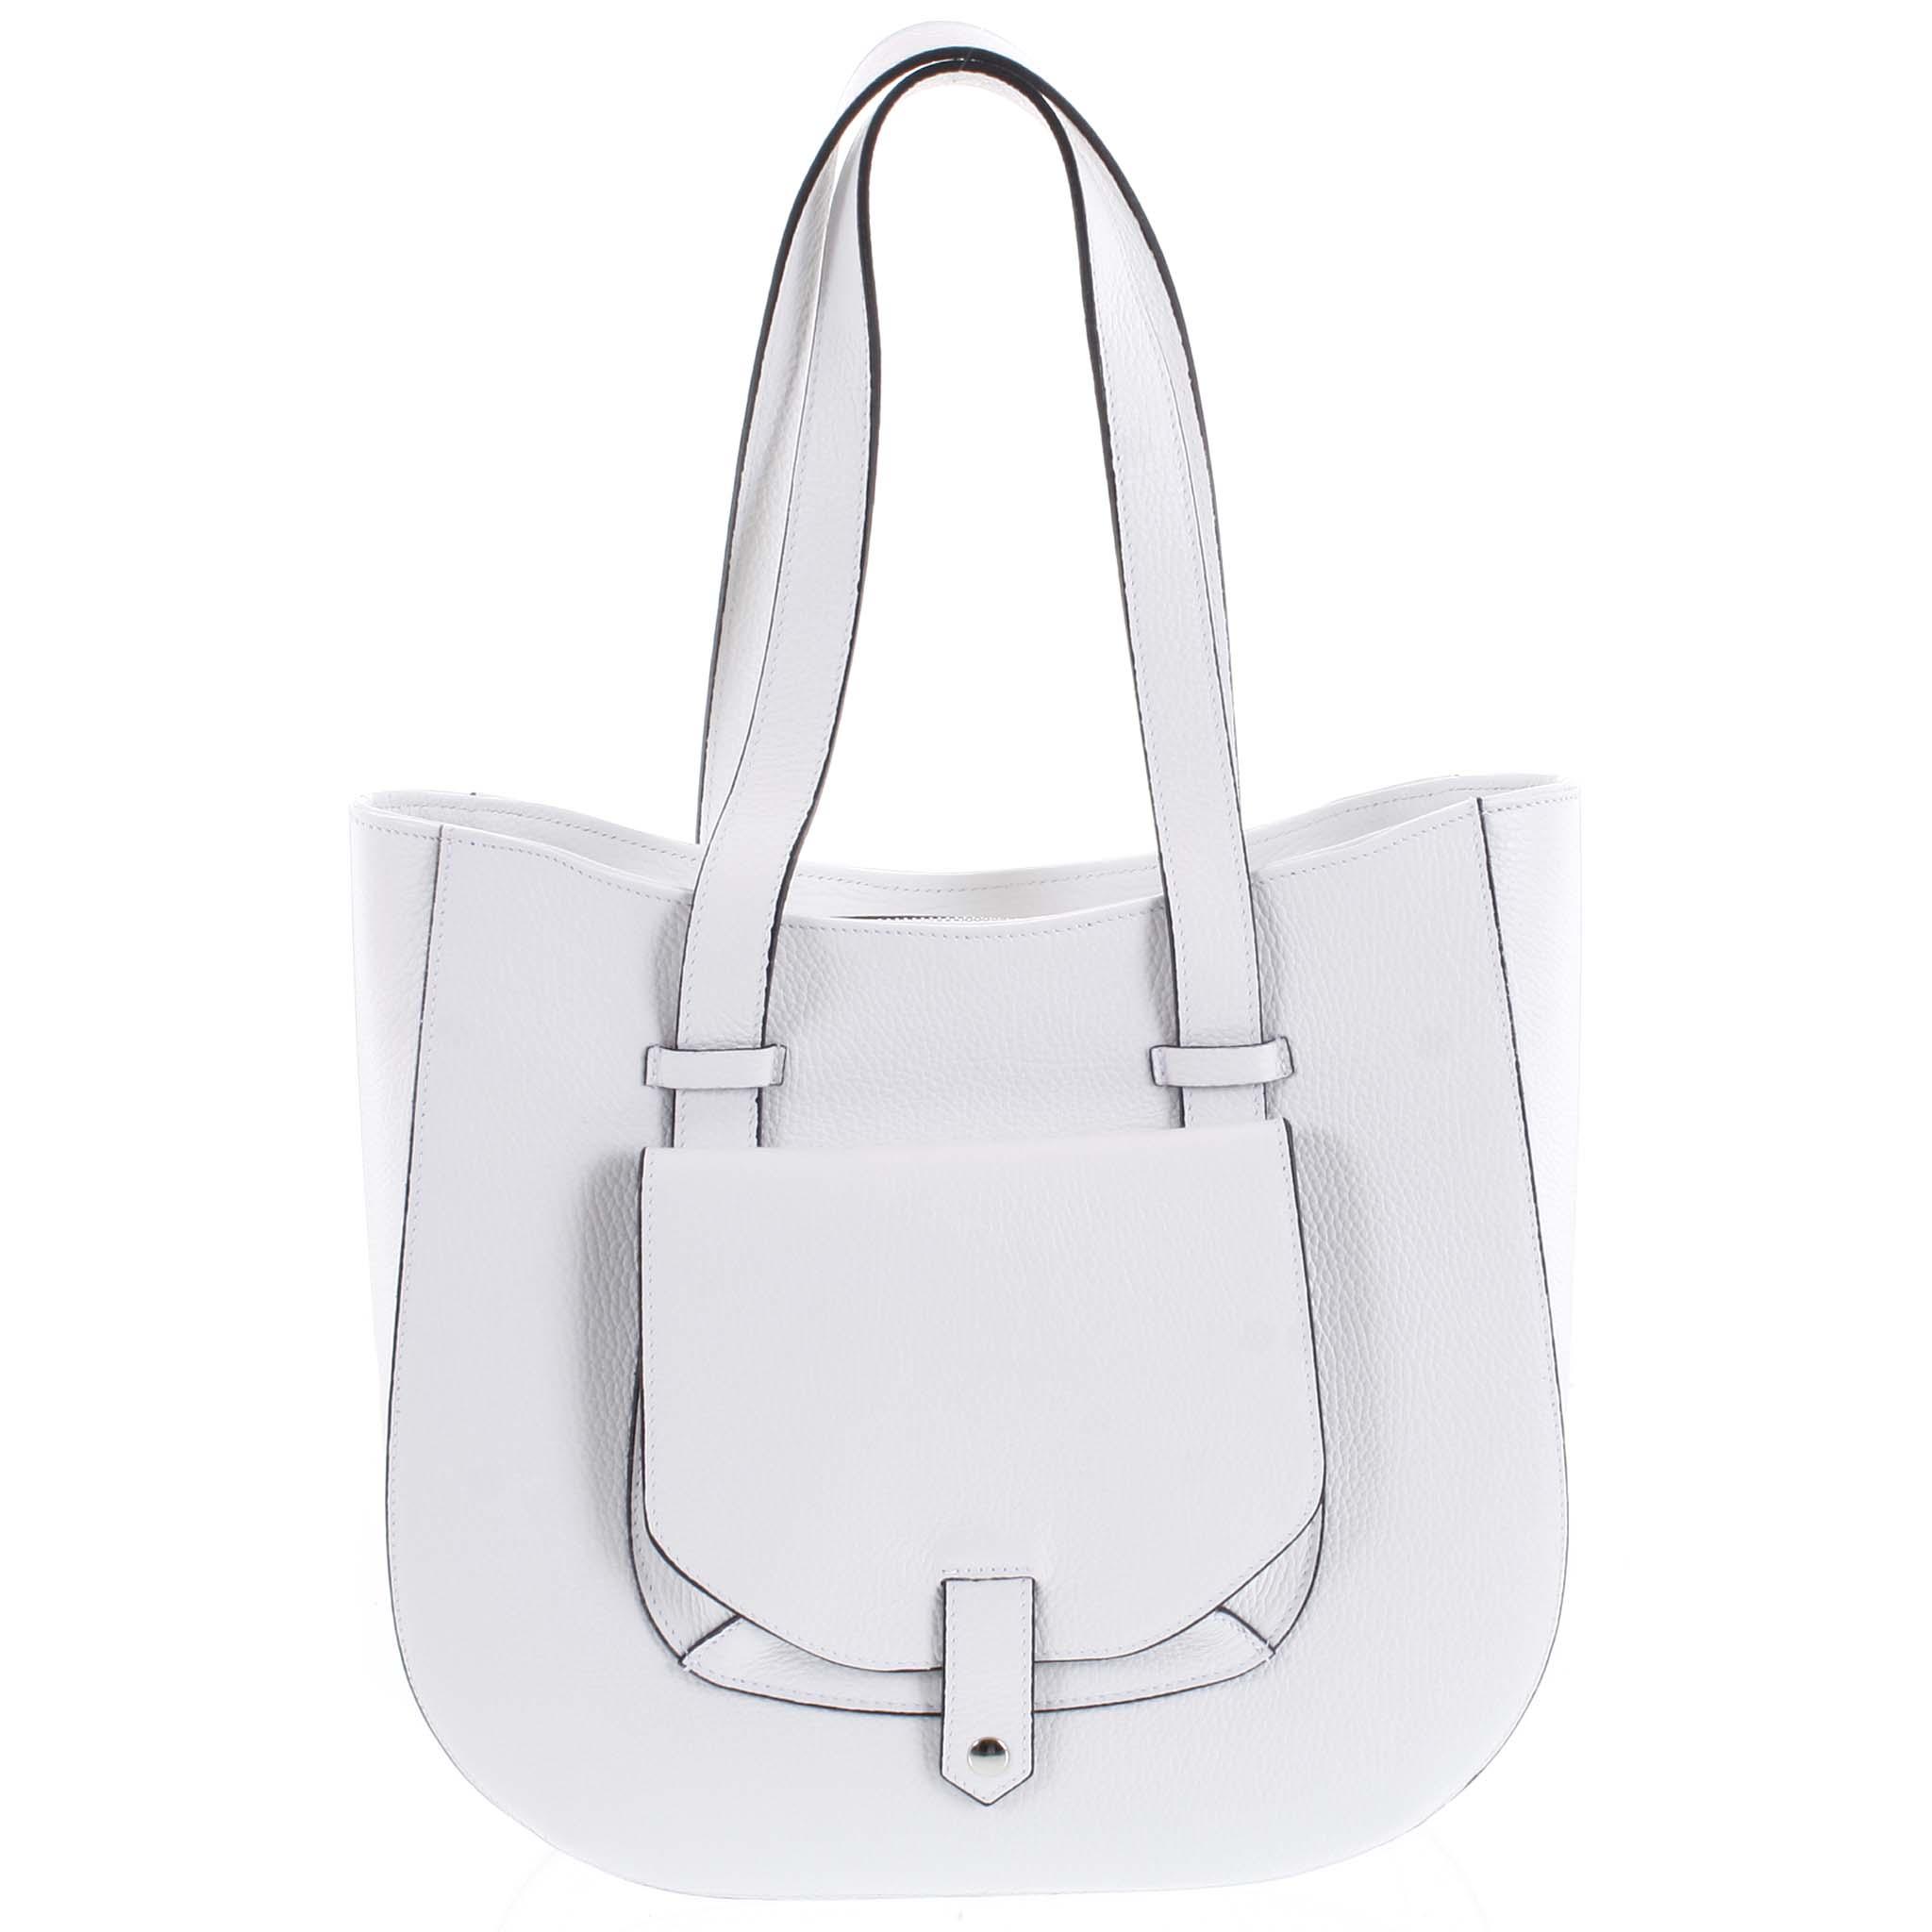 Dámská kožená kabelka přes rameno bílá - ItalY Normani